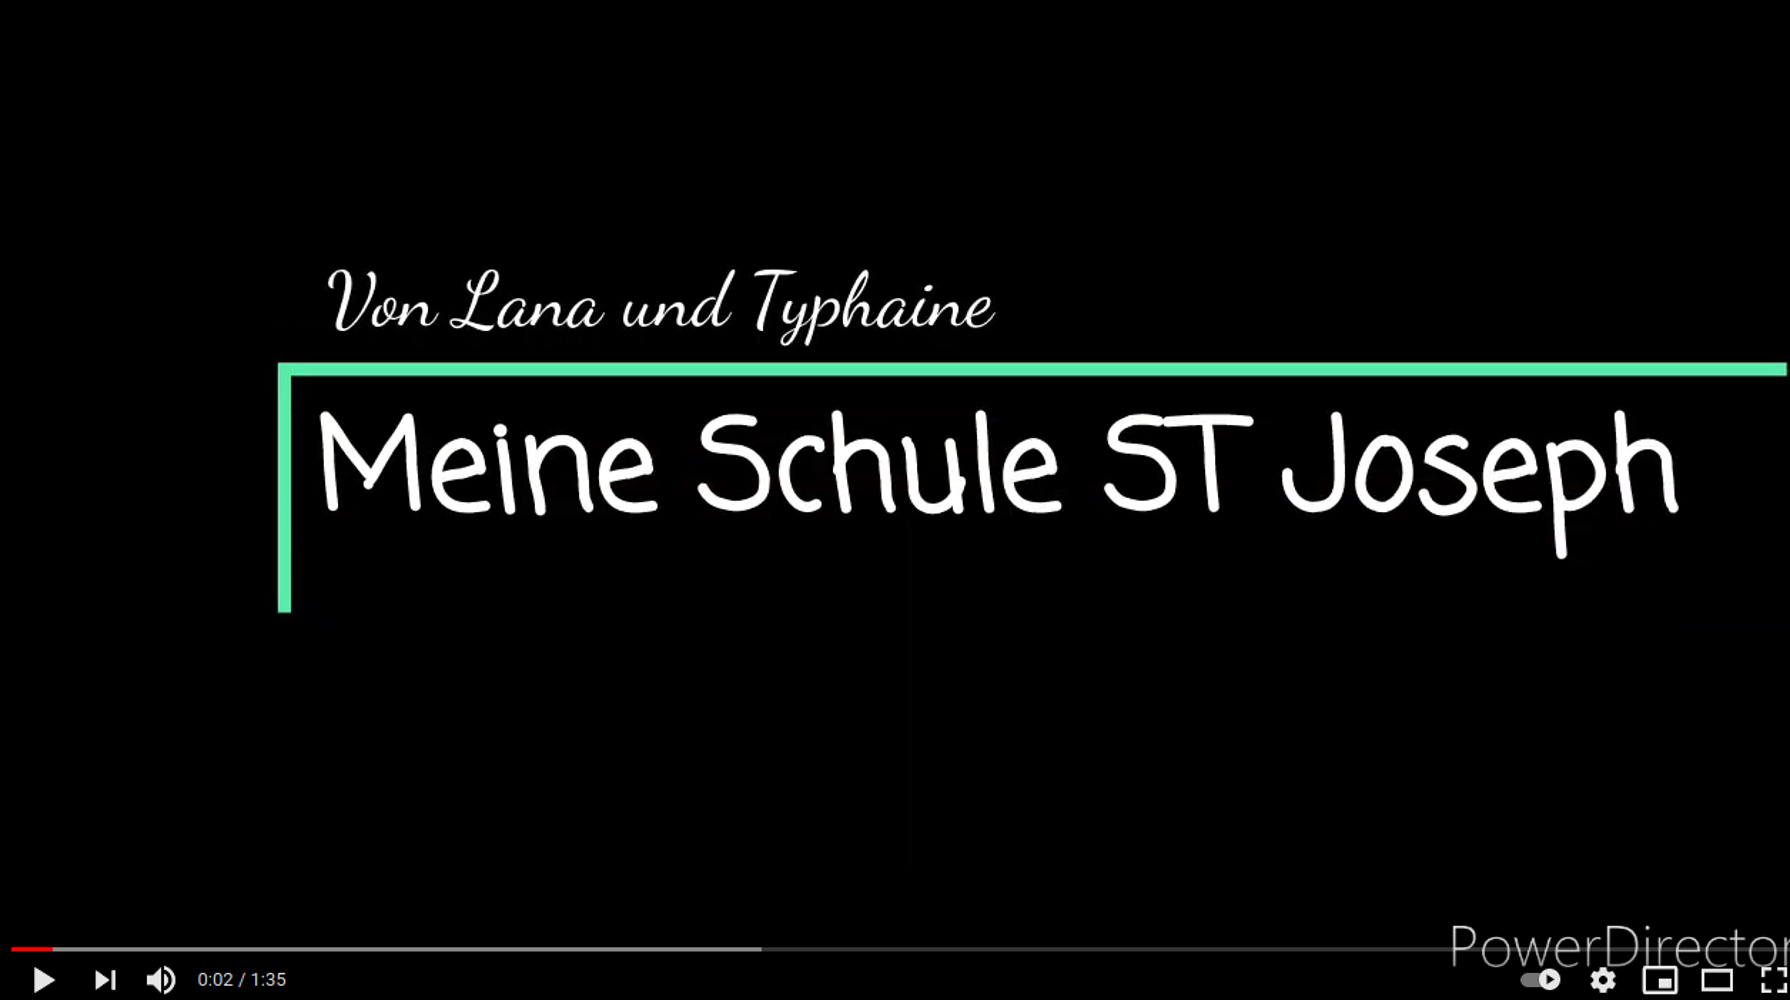 Présentation du collège par Lana et Typhaine - Élèves germanistes 0